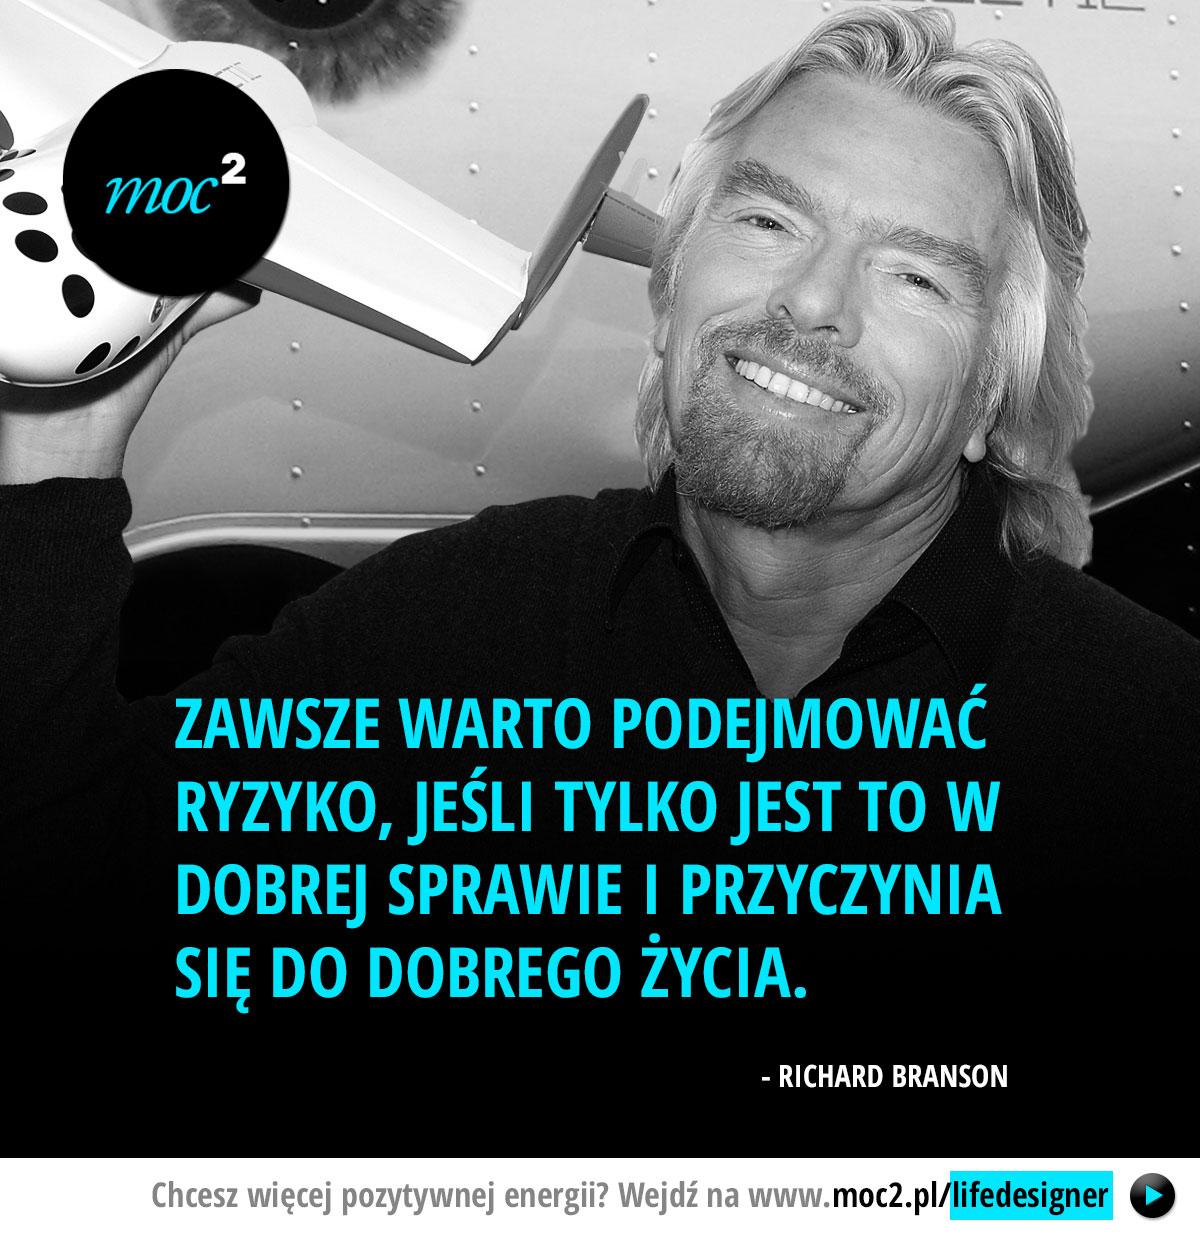 Zawsze warto podejmować ryzyko, jeśli tylko jest to w dobrej sprawie i przyczynia się do dobrego życia. - Richard Branson